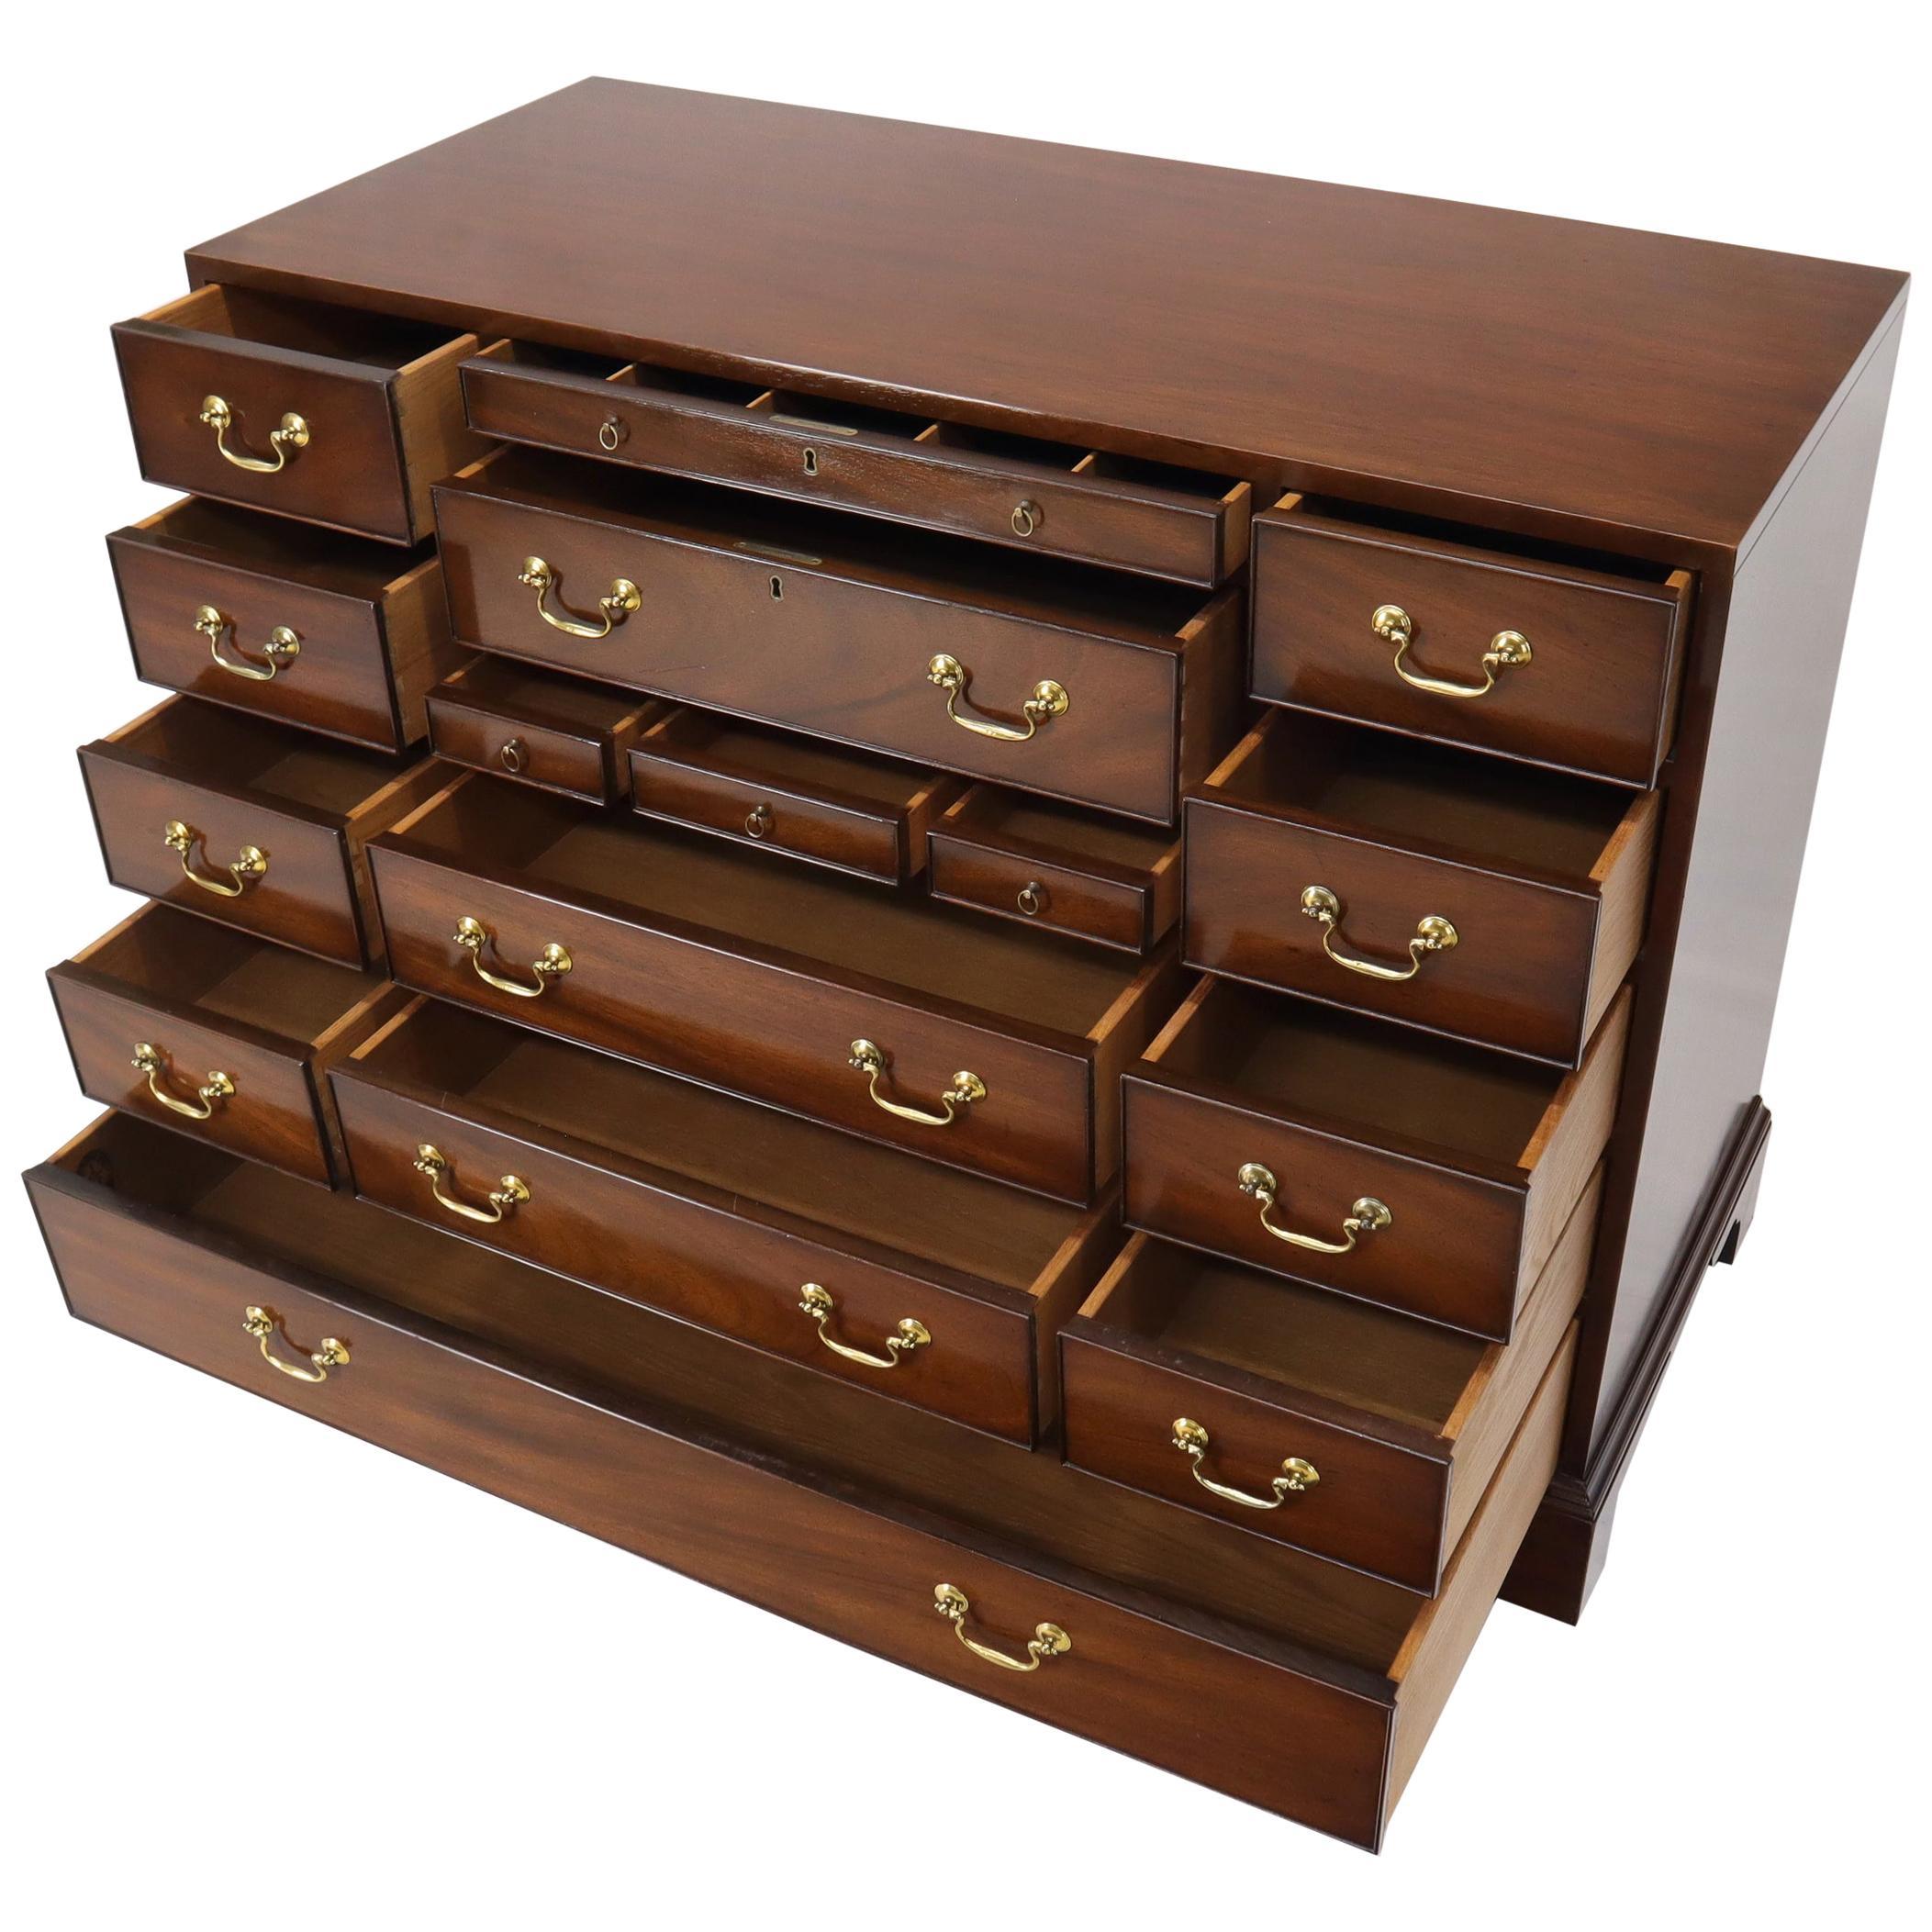 Kittinger Multi Drawer Mahogany and Brass Hardware Bachelor Chest Dresser Server